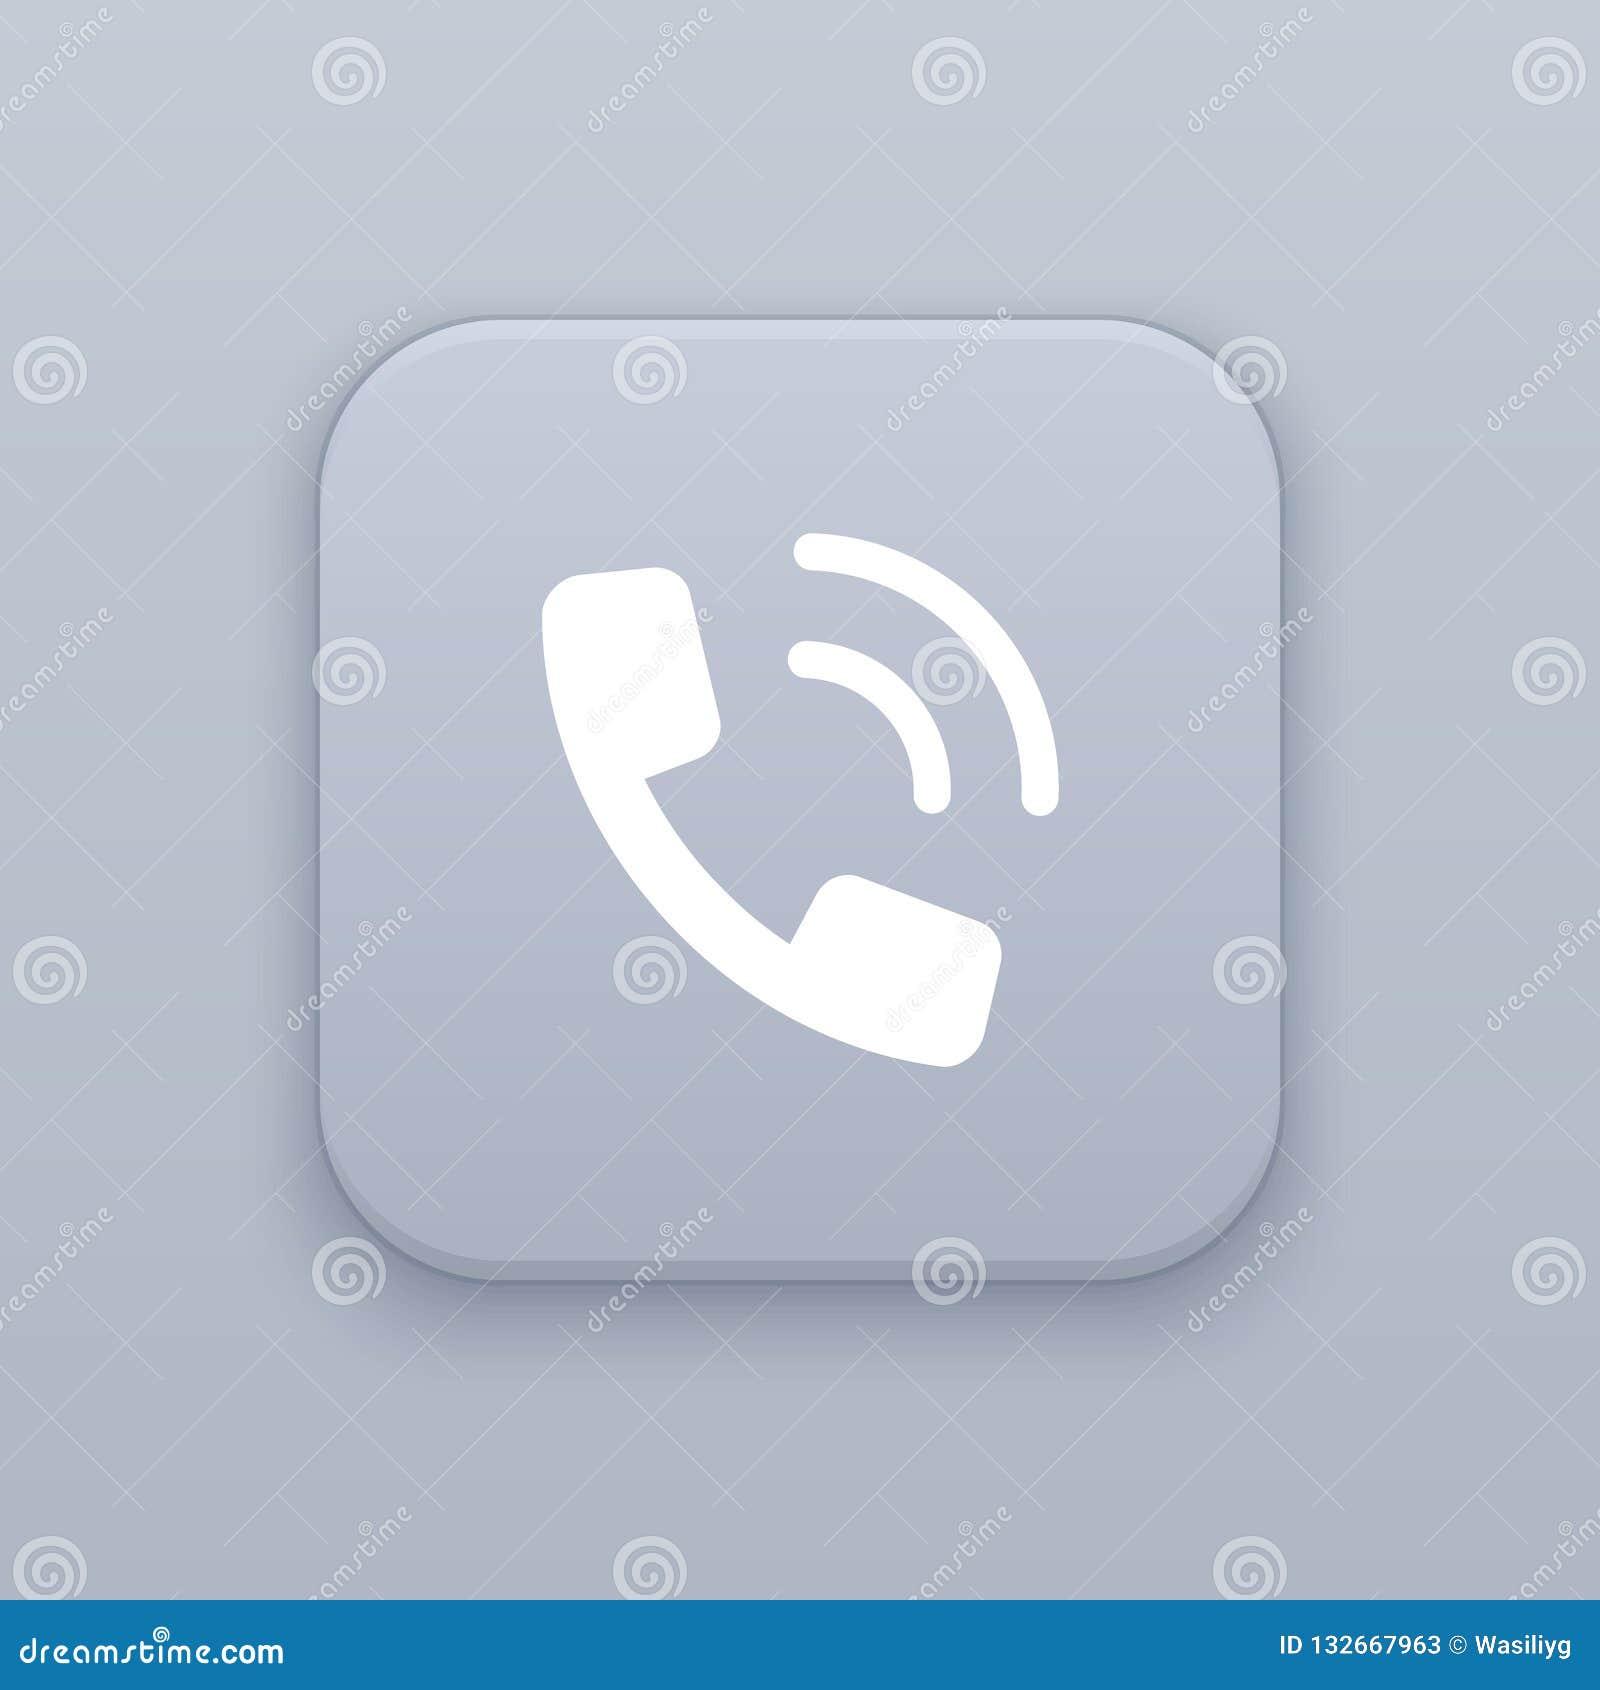 Rozmowa telefonicza, szary wektorowy guzik z białą ikoną